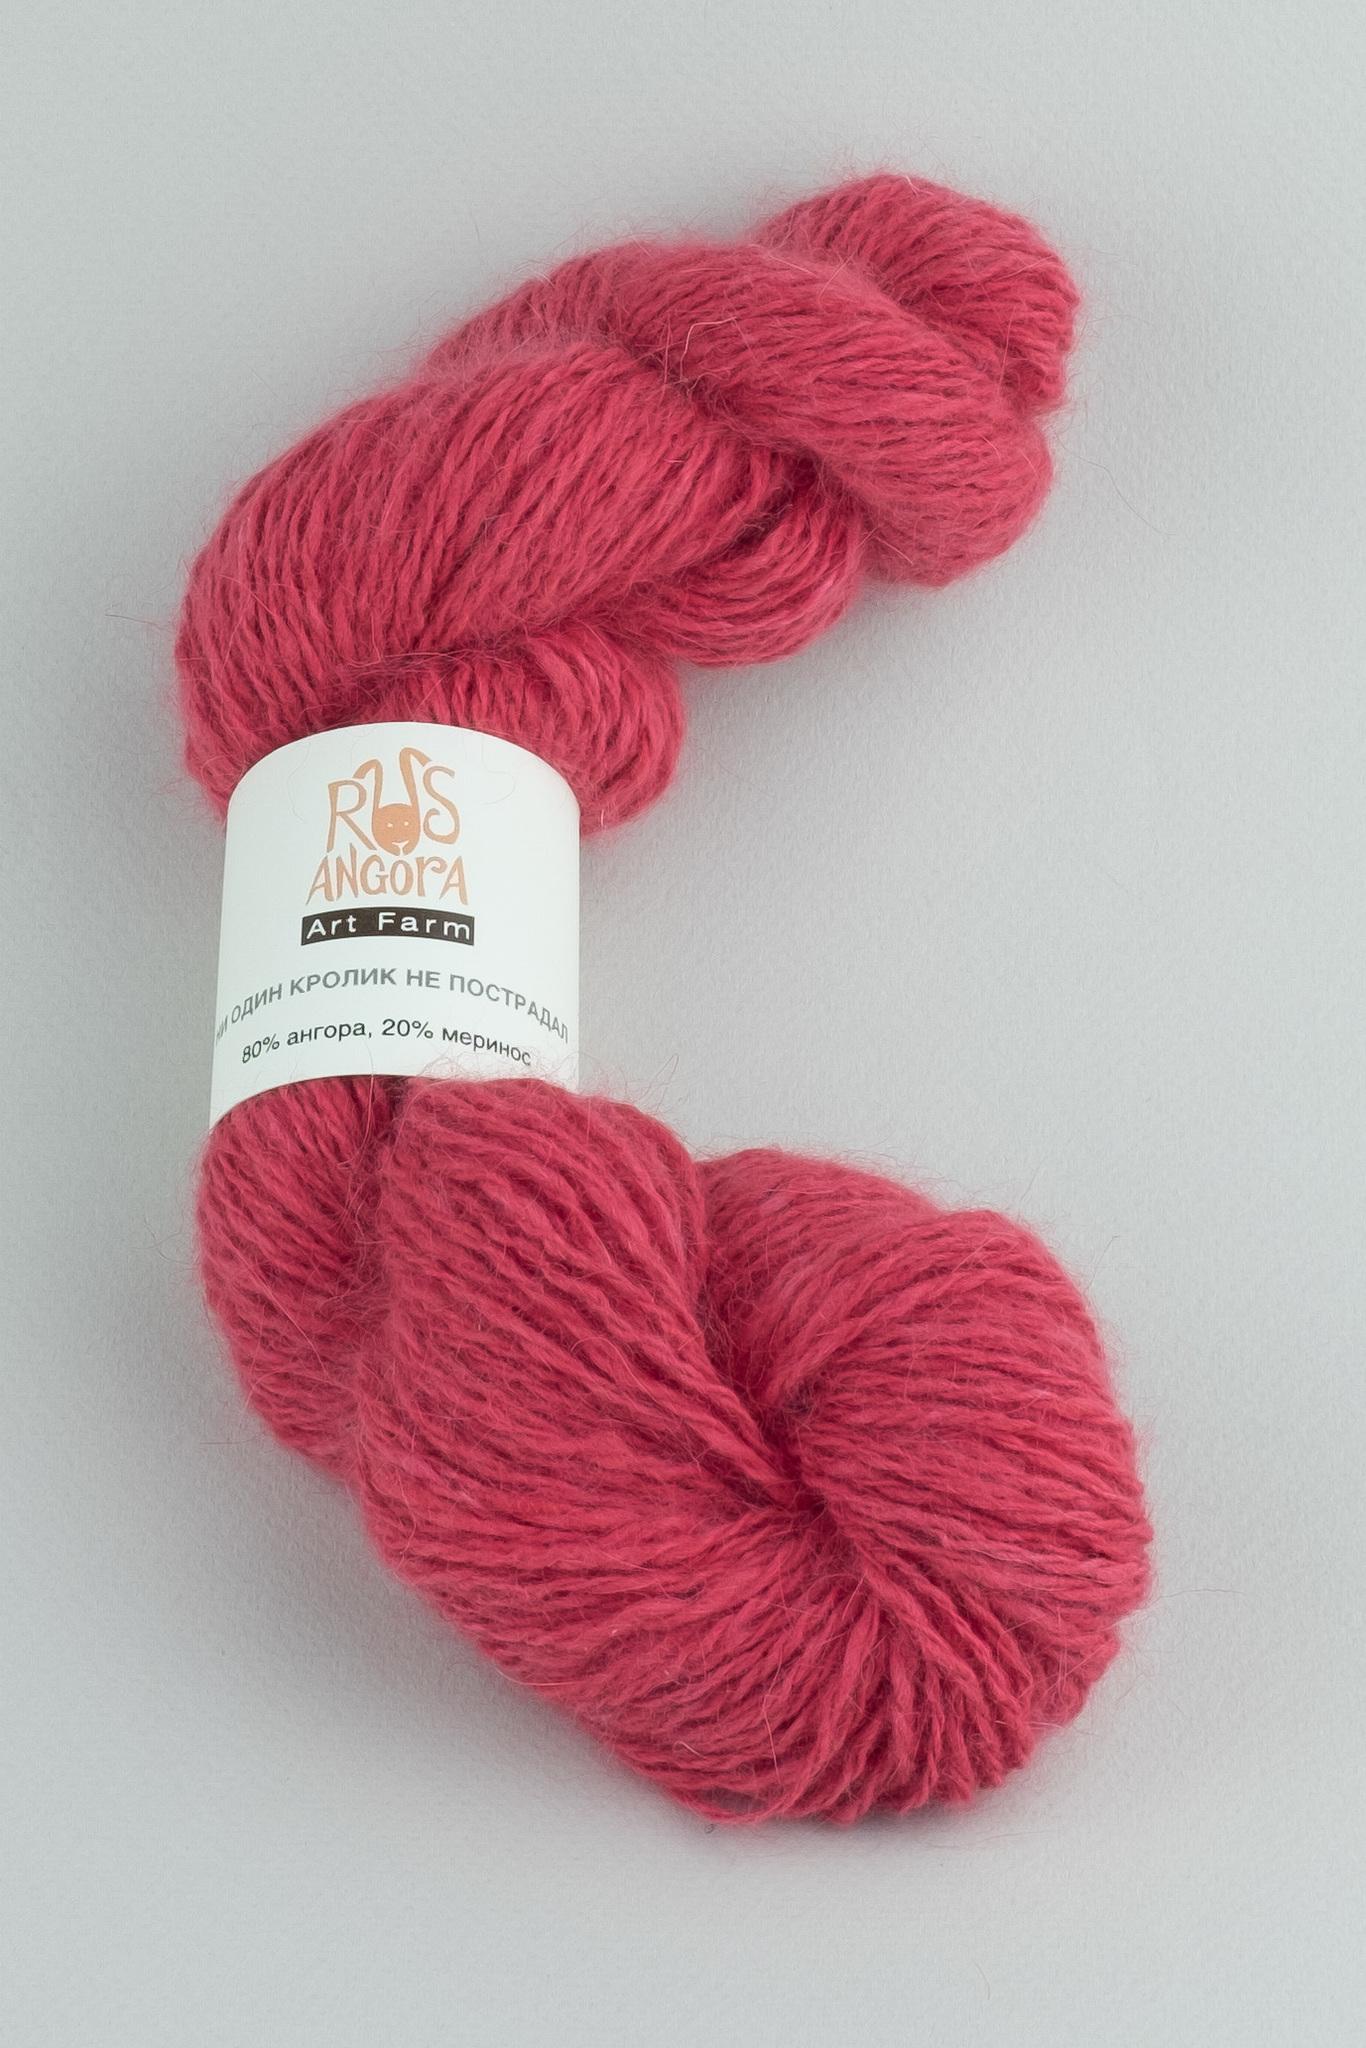 Пряжа из 100% ангоры ручной работы клубничный розовый